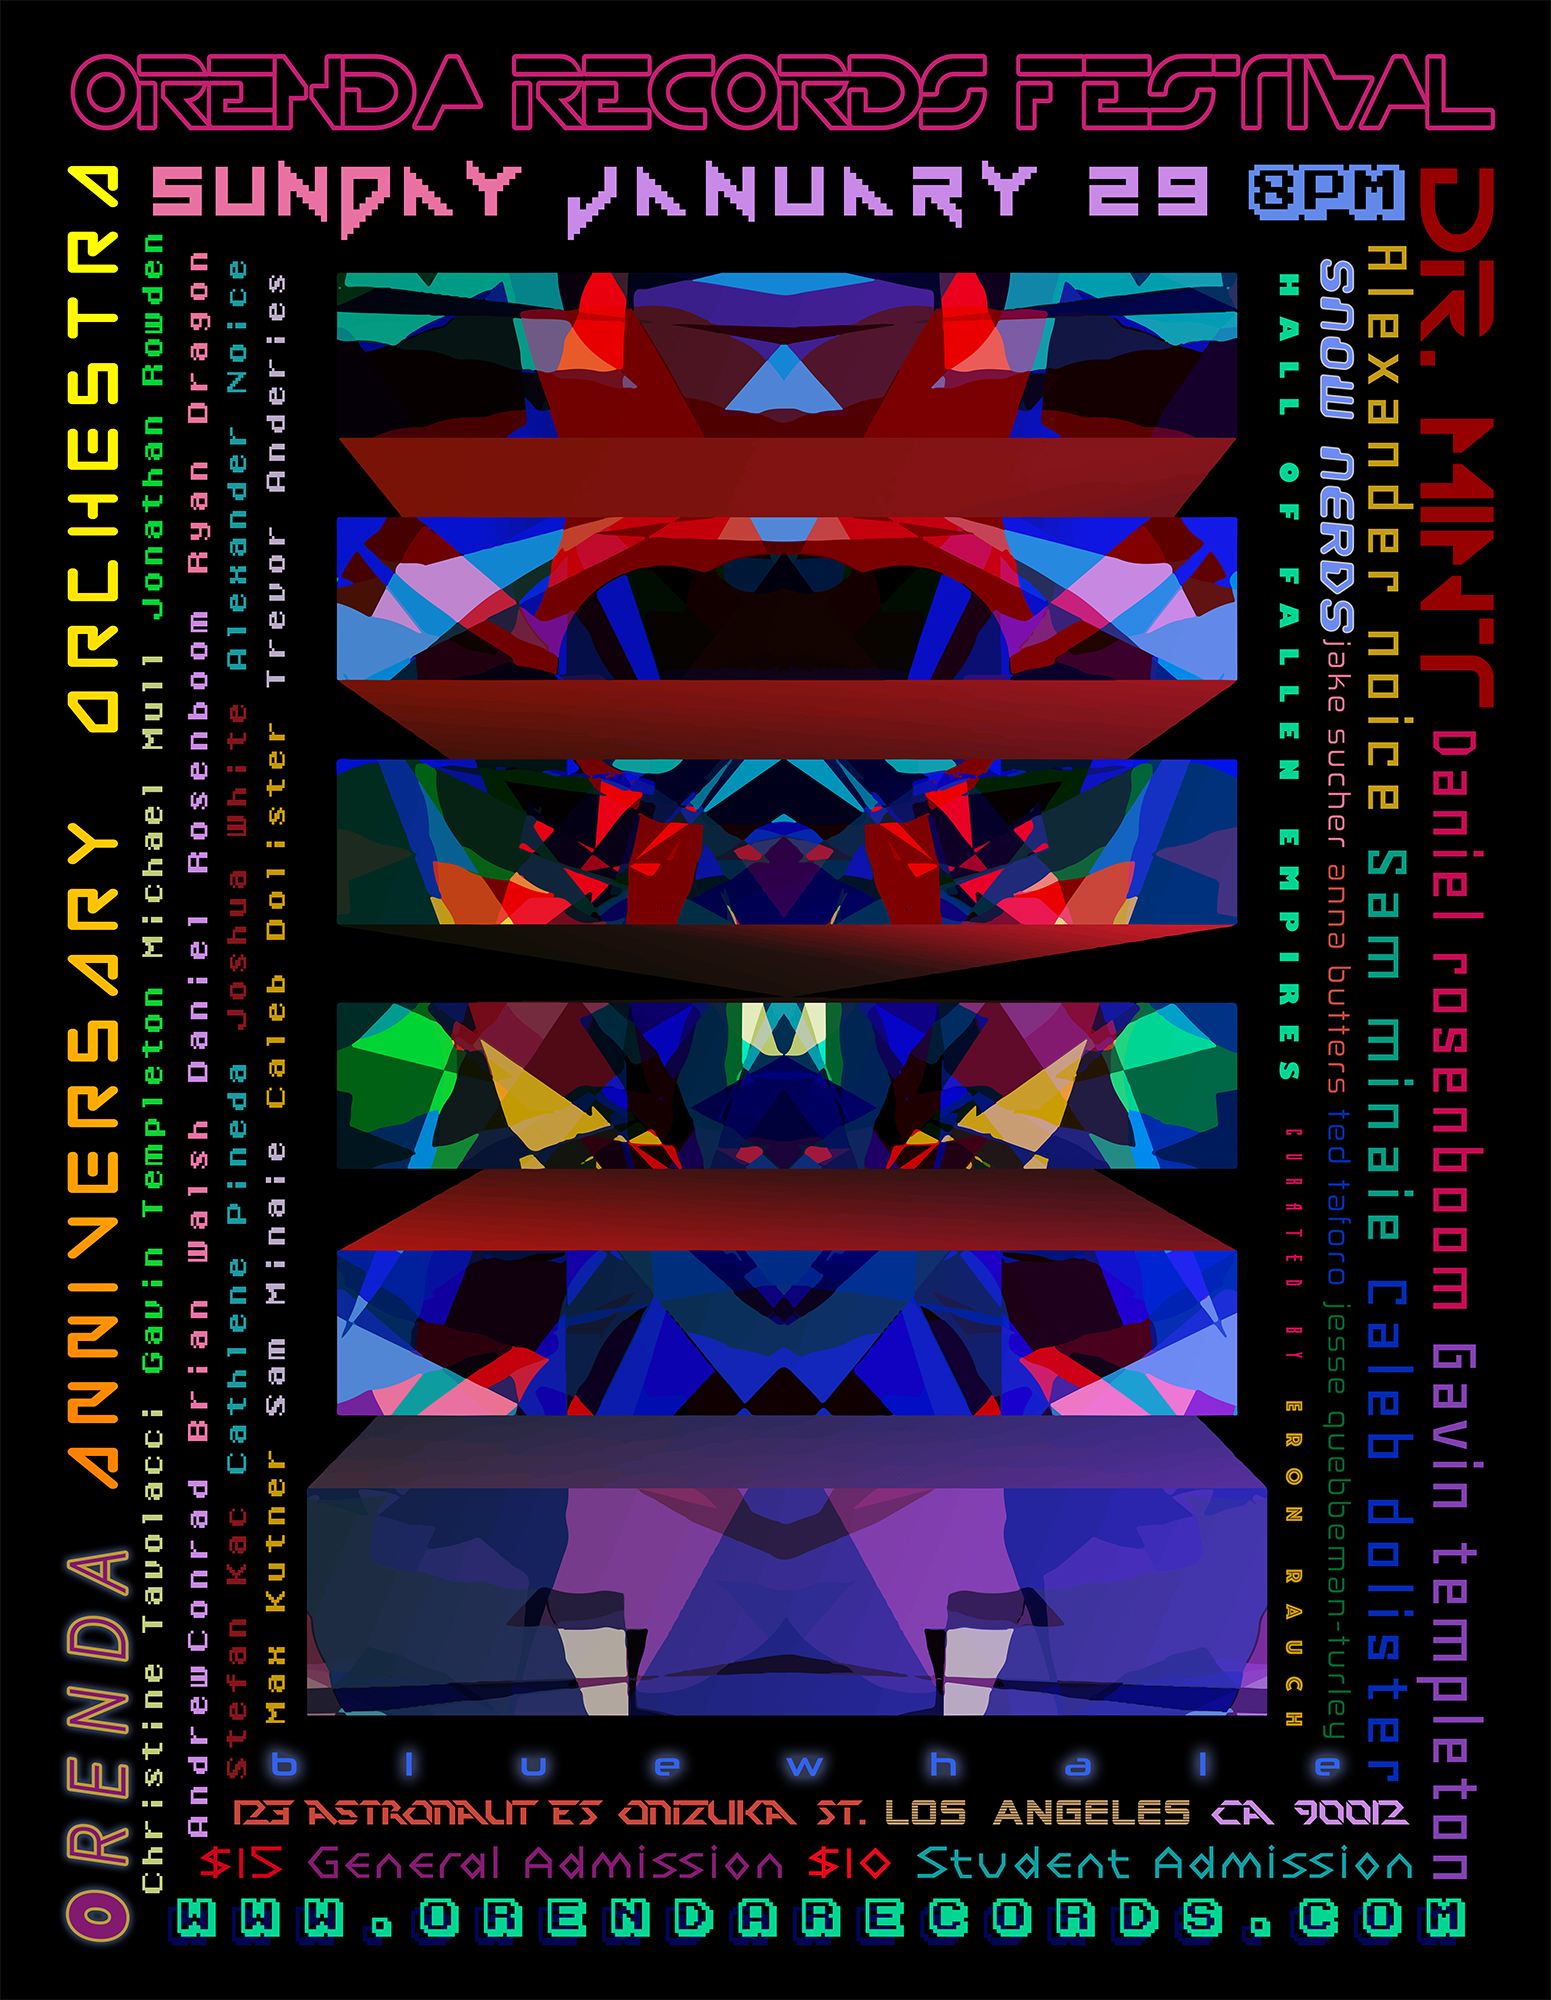 Orenda-3rd-Anniversary-Festival-Rev-2.jpg